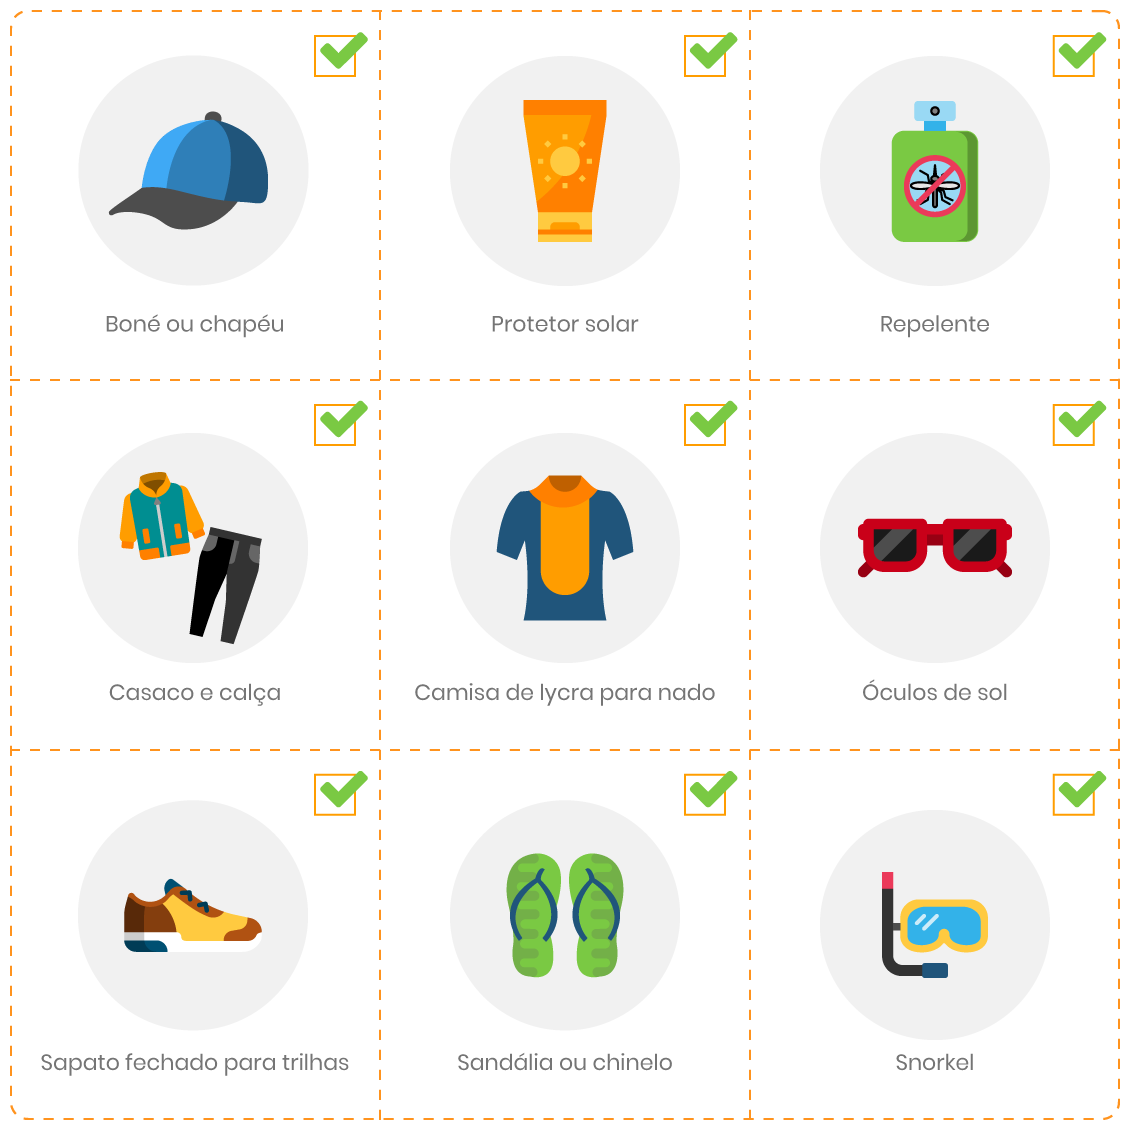 Ilustração-contendo-o-checklist-de-itens-essenciais-para-levar-a-Fernando-de-Noronha